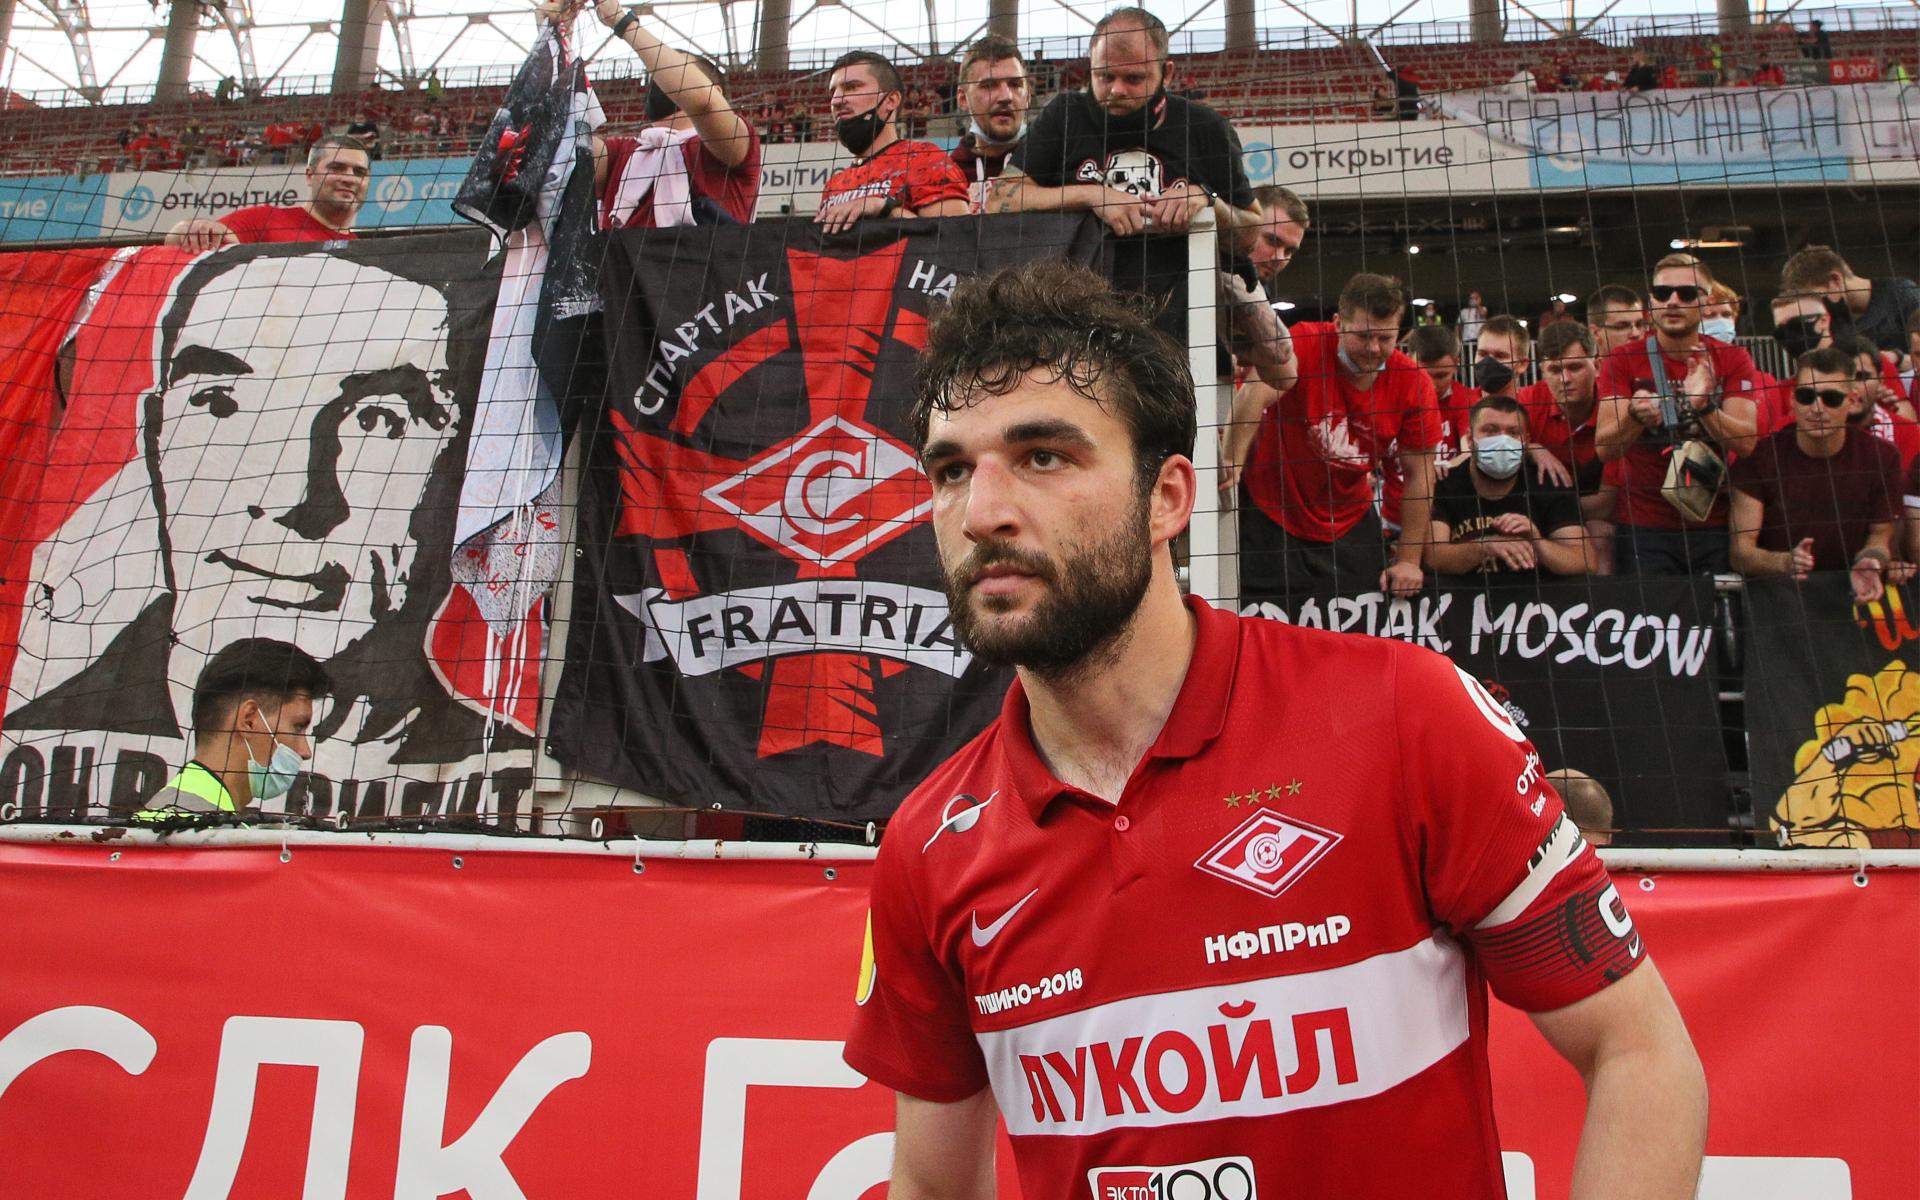 Фото:Гавриил Григоров/ТАСС